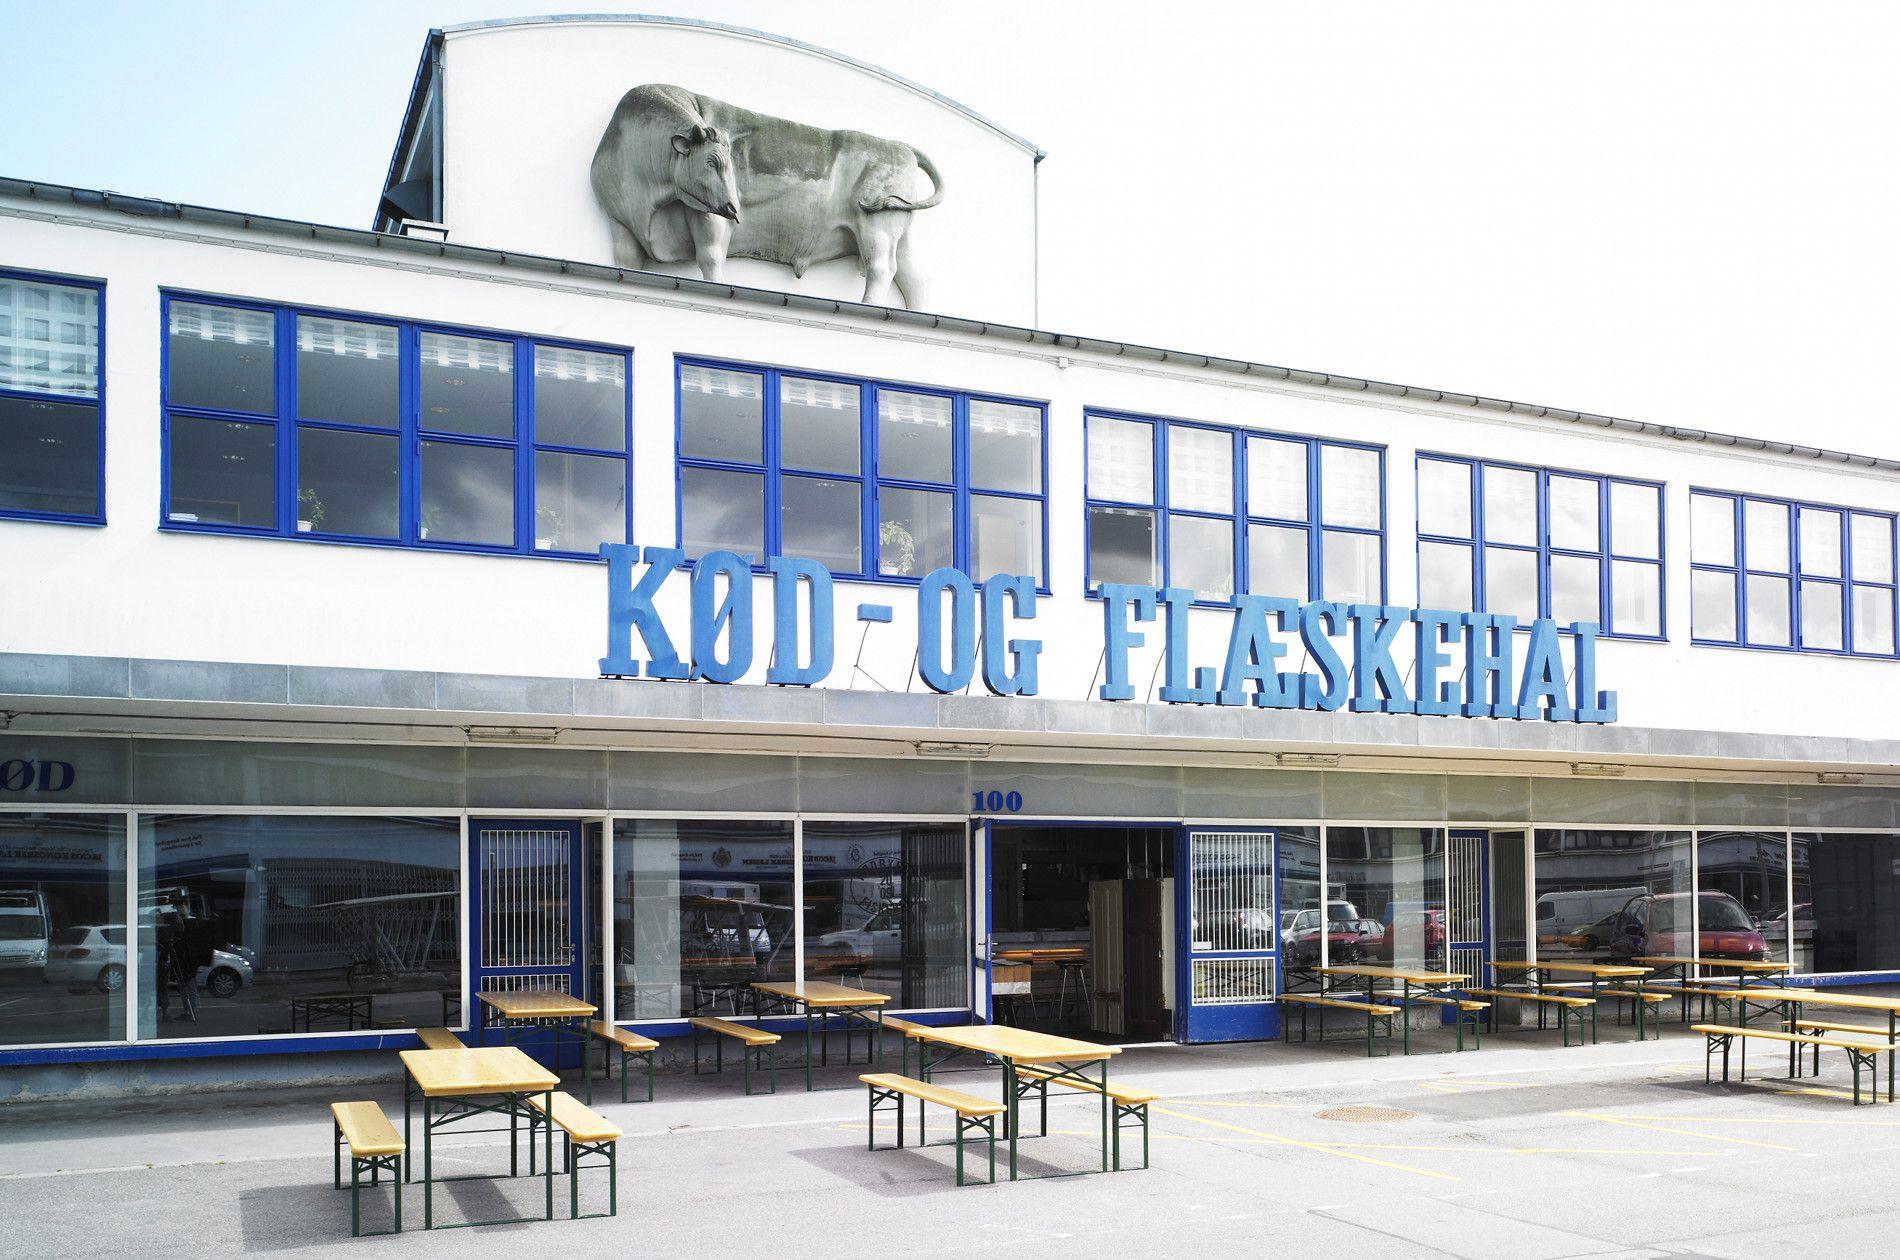 Fisch In Kopenhagen Restaurant Fiskebar Denemarken Gebouwen Vakantie